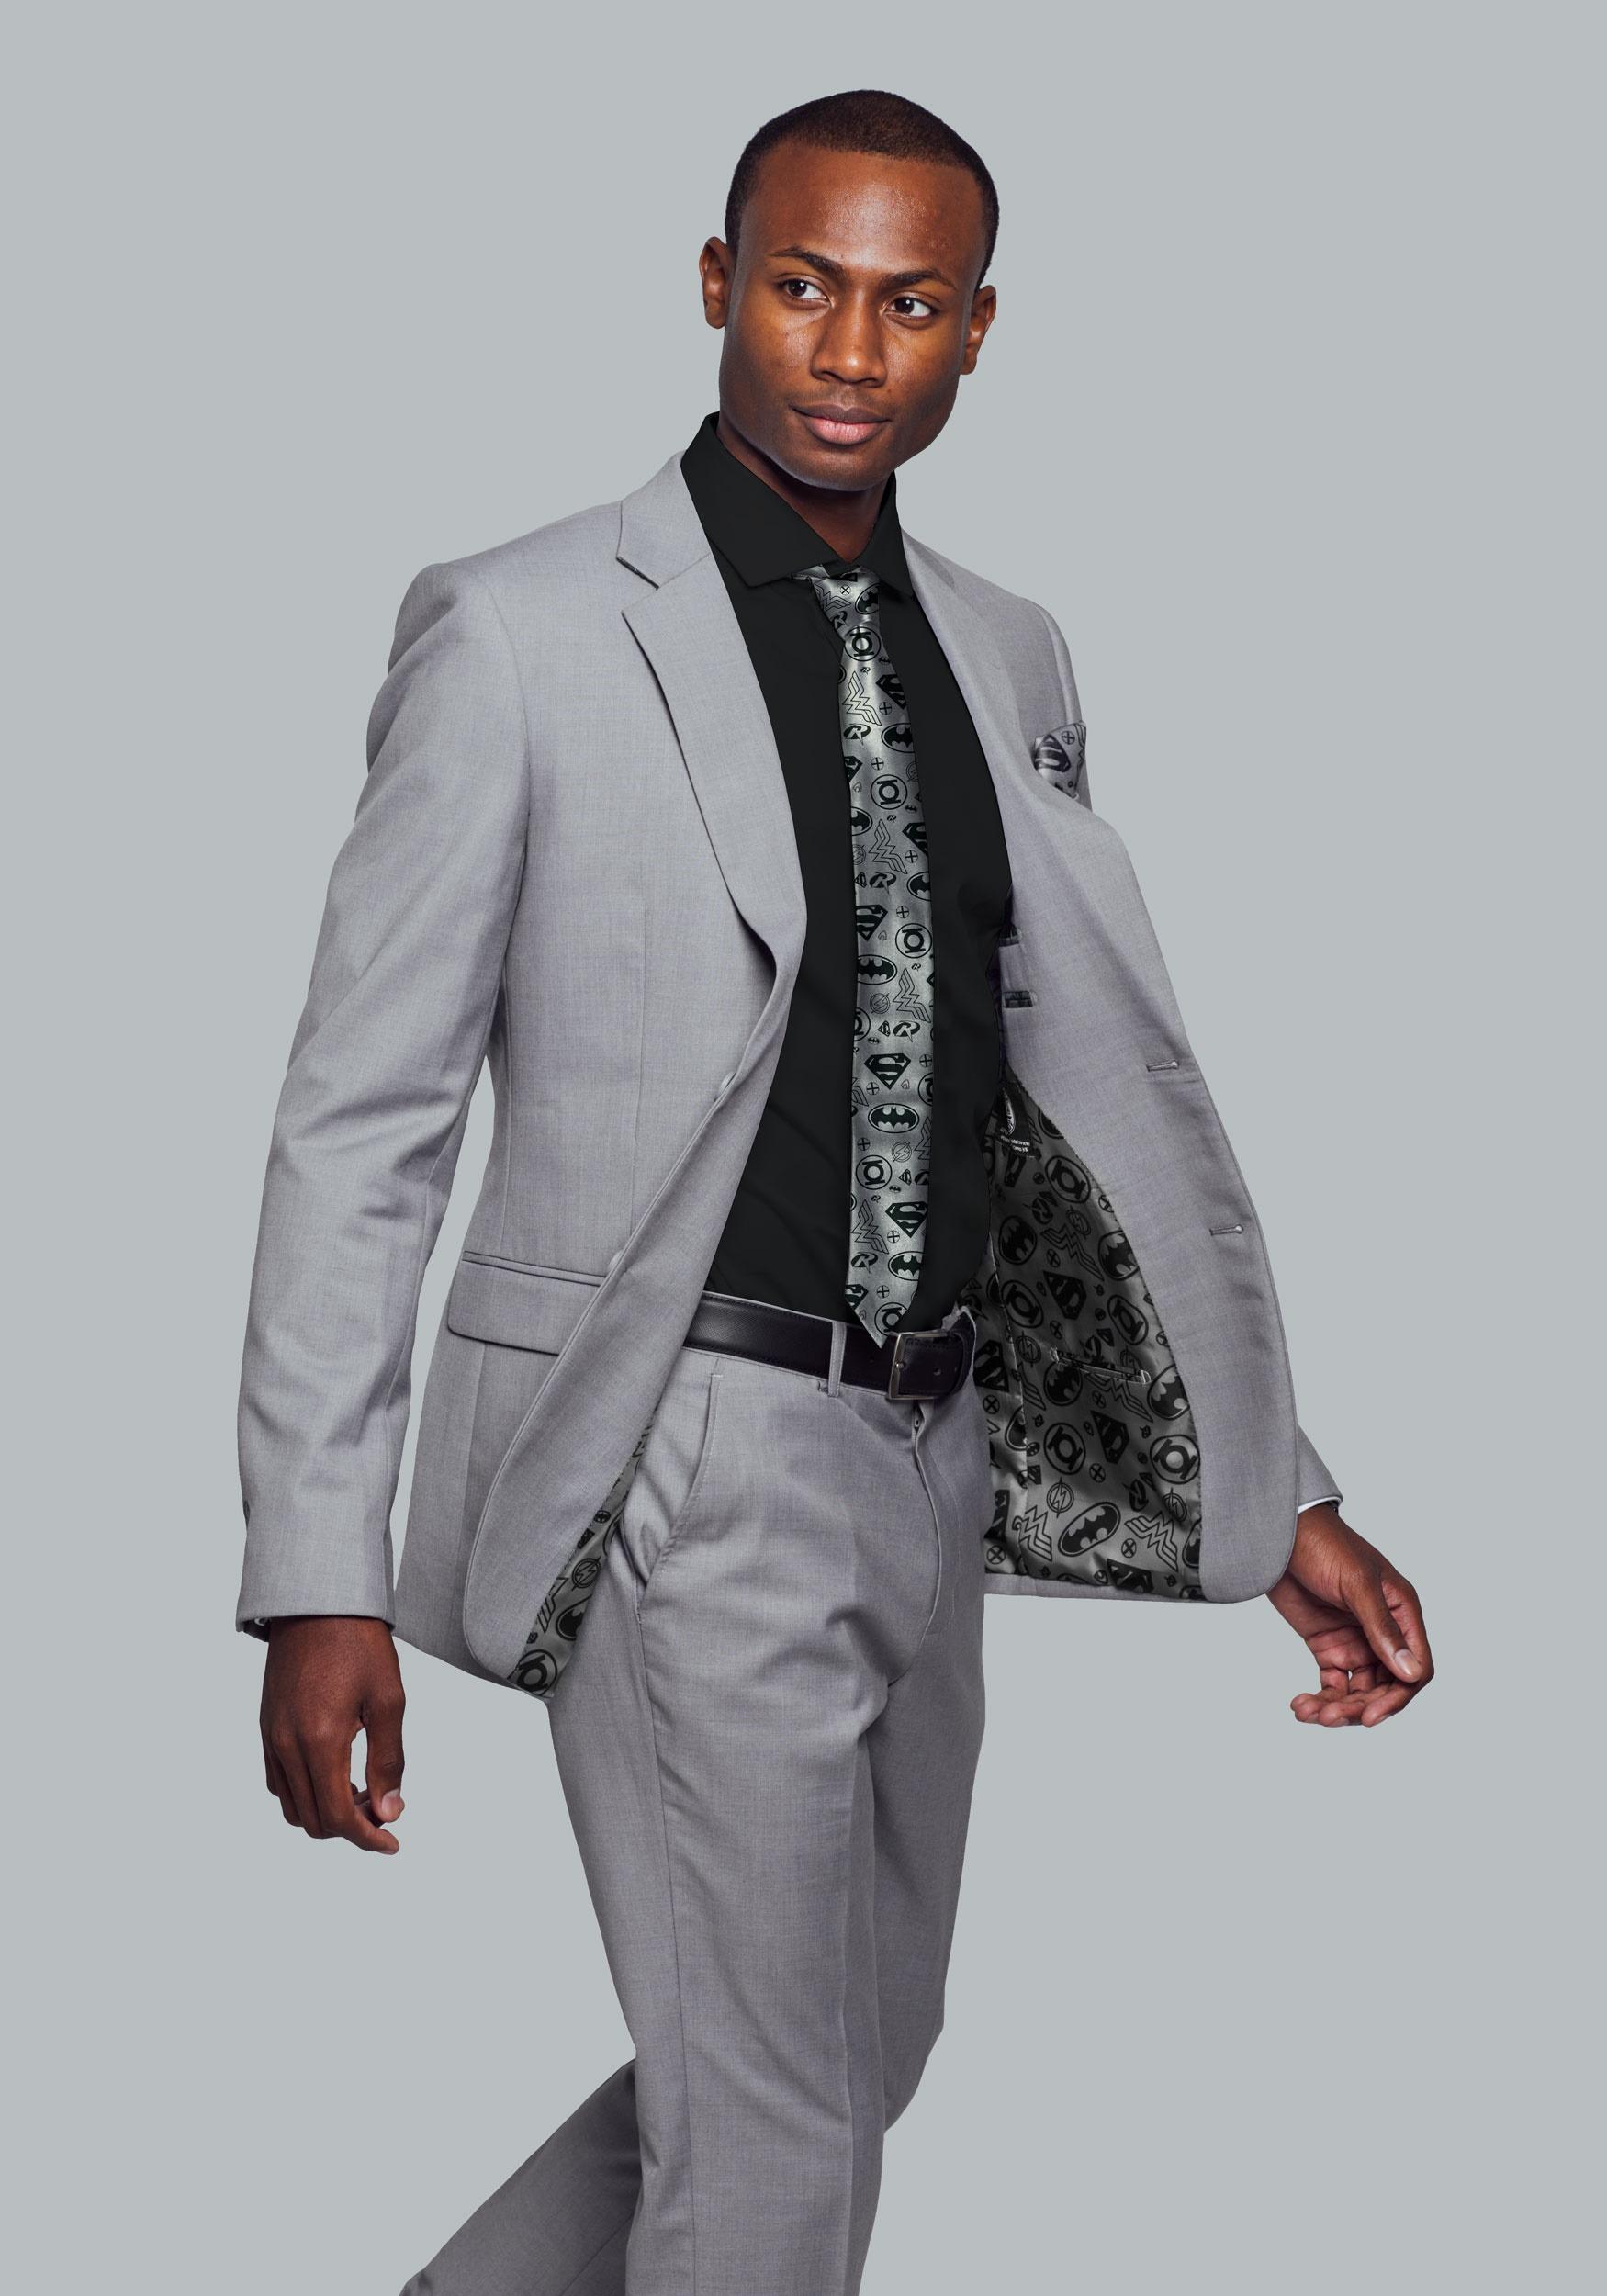 Suit jacket - Justice League Suit Jacket Secret Identity